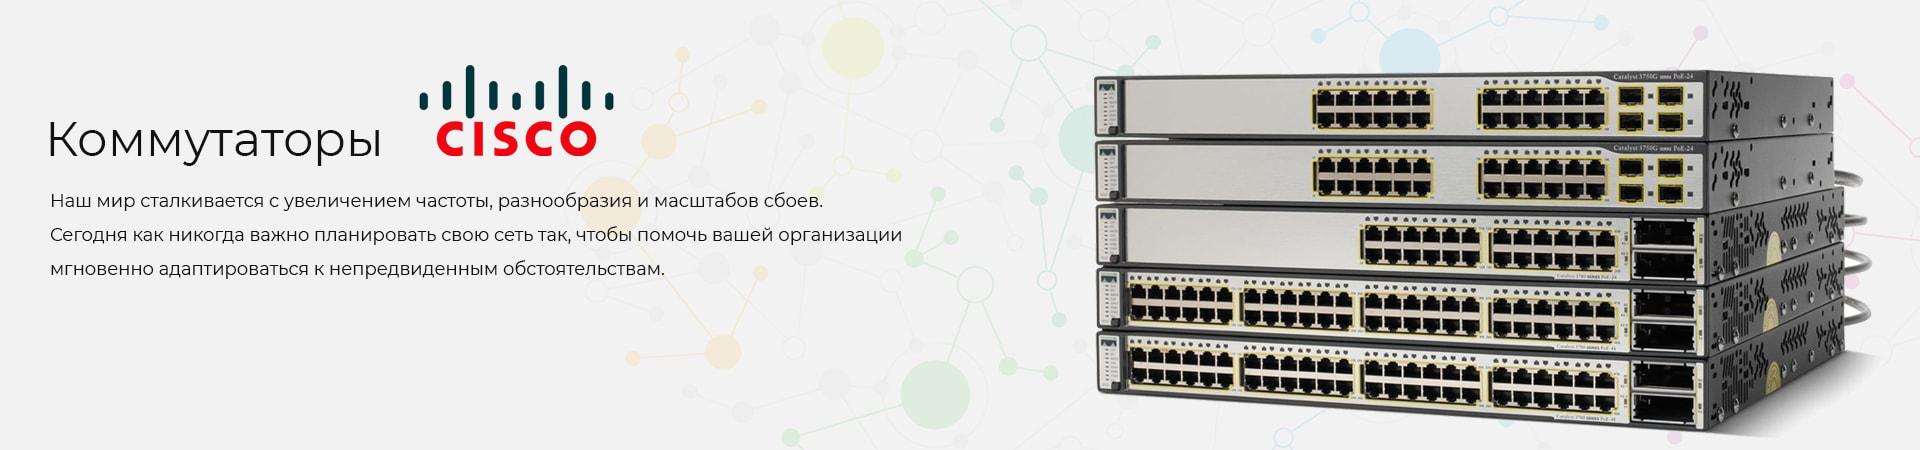 Cisco-коммутаторы-для-любых-сетей